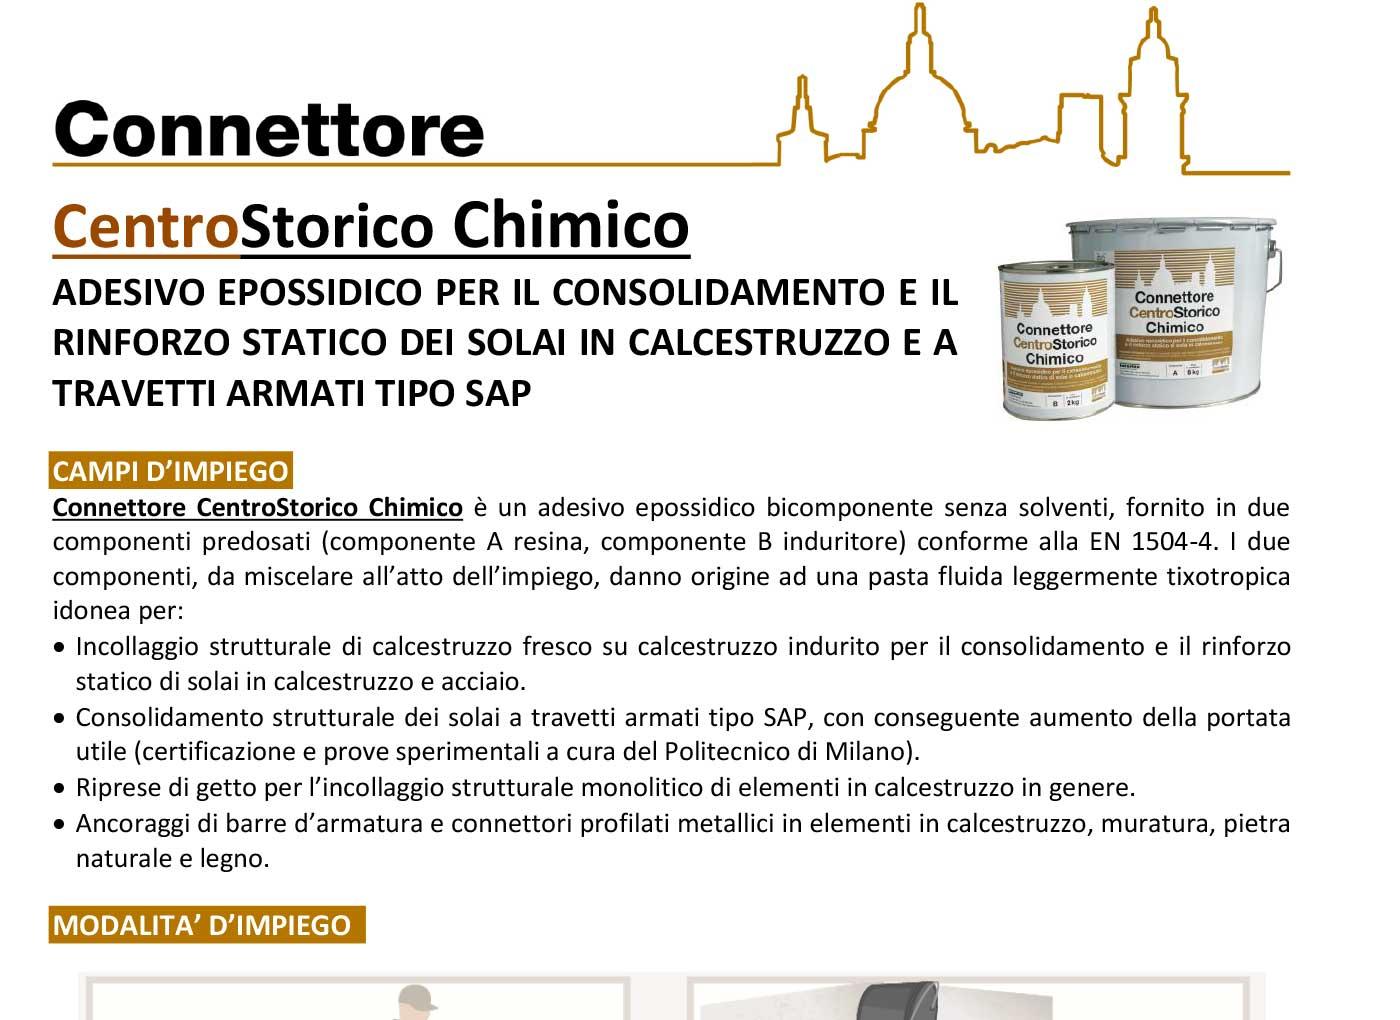 scheda-tecnica-connettore-chimico-centrostorico